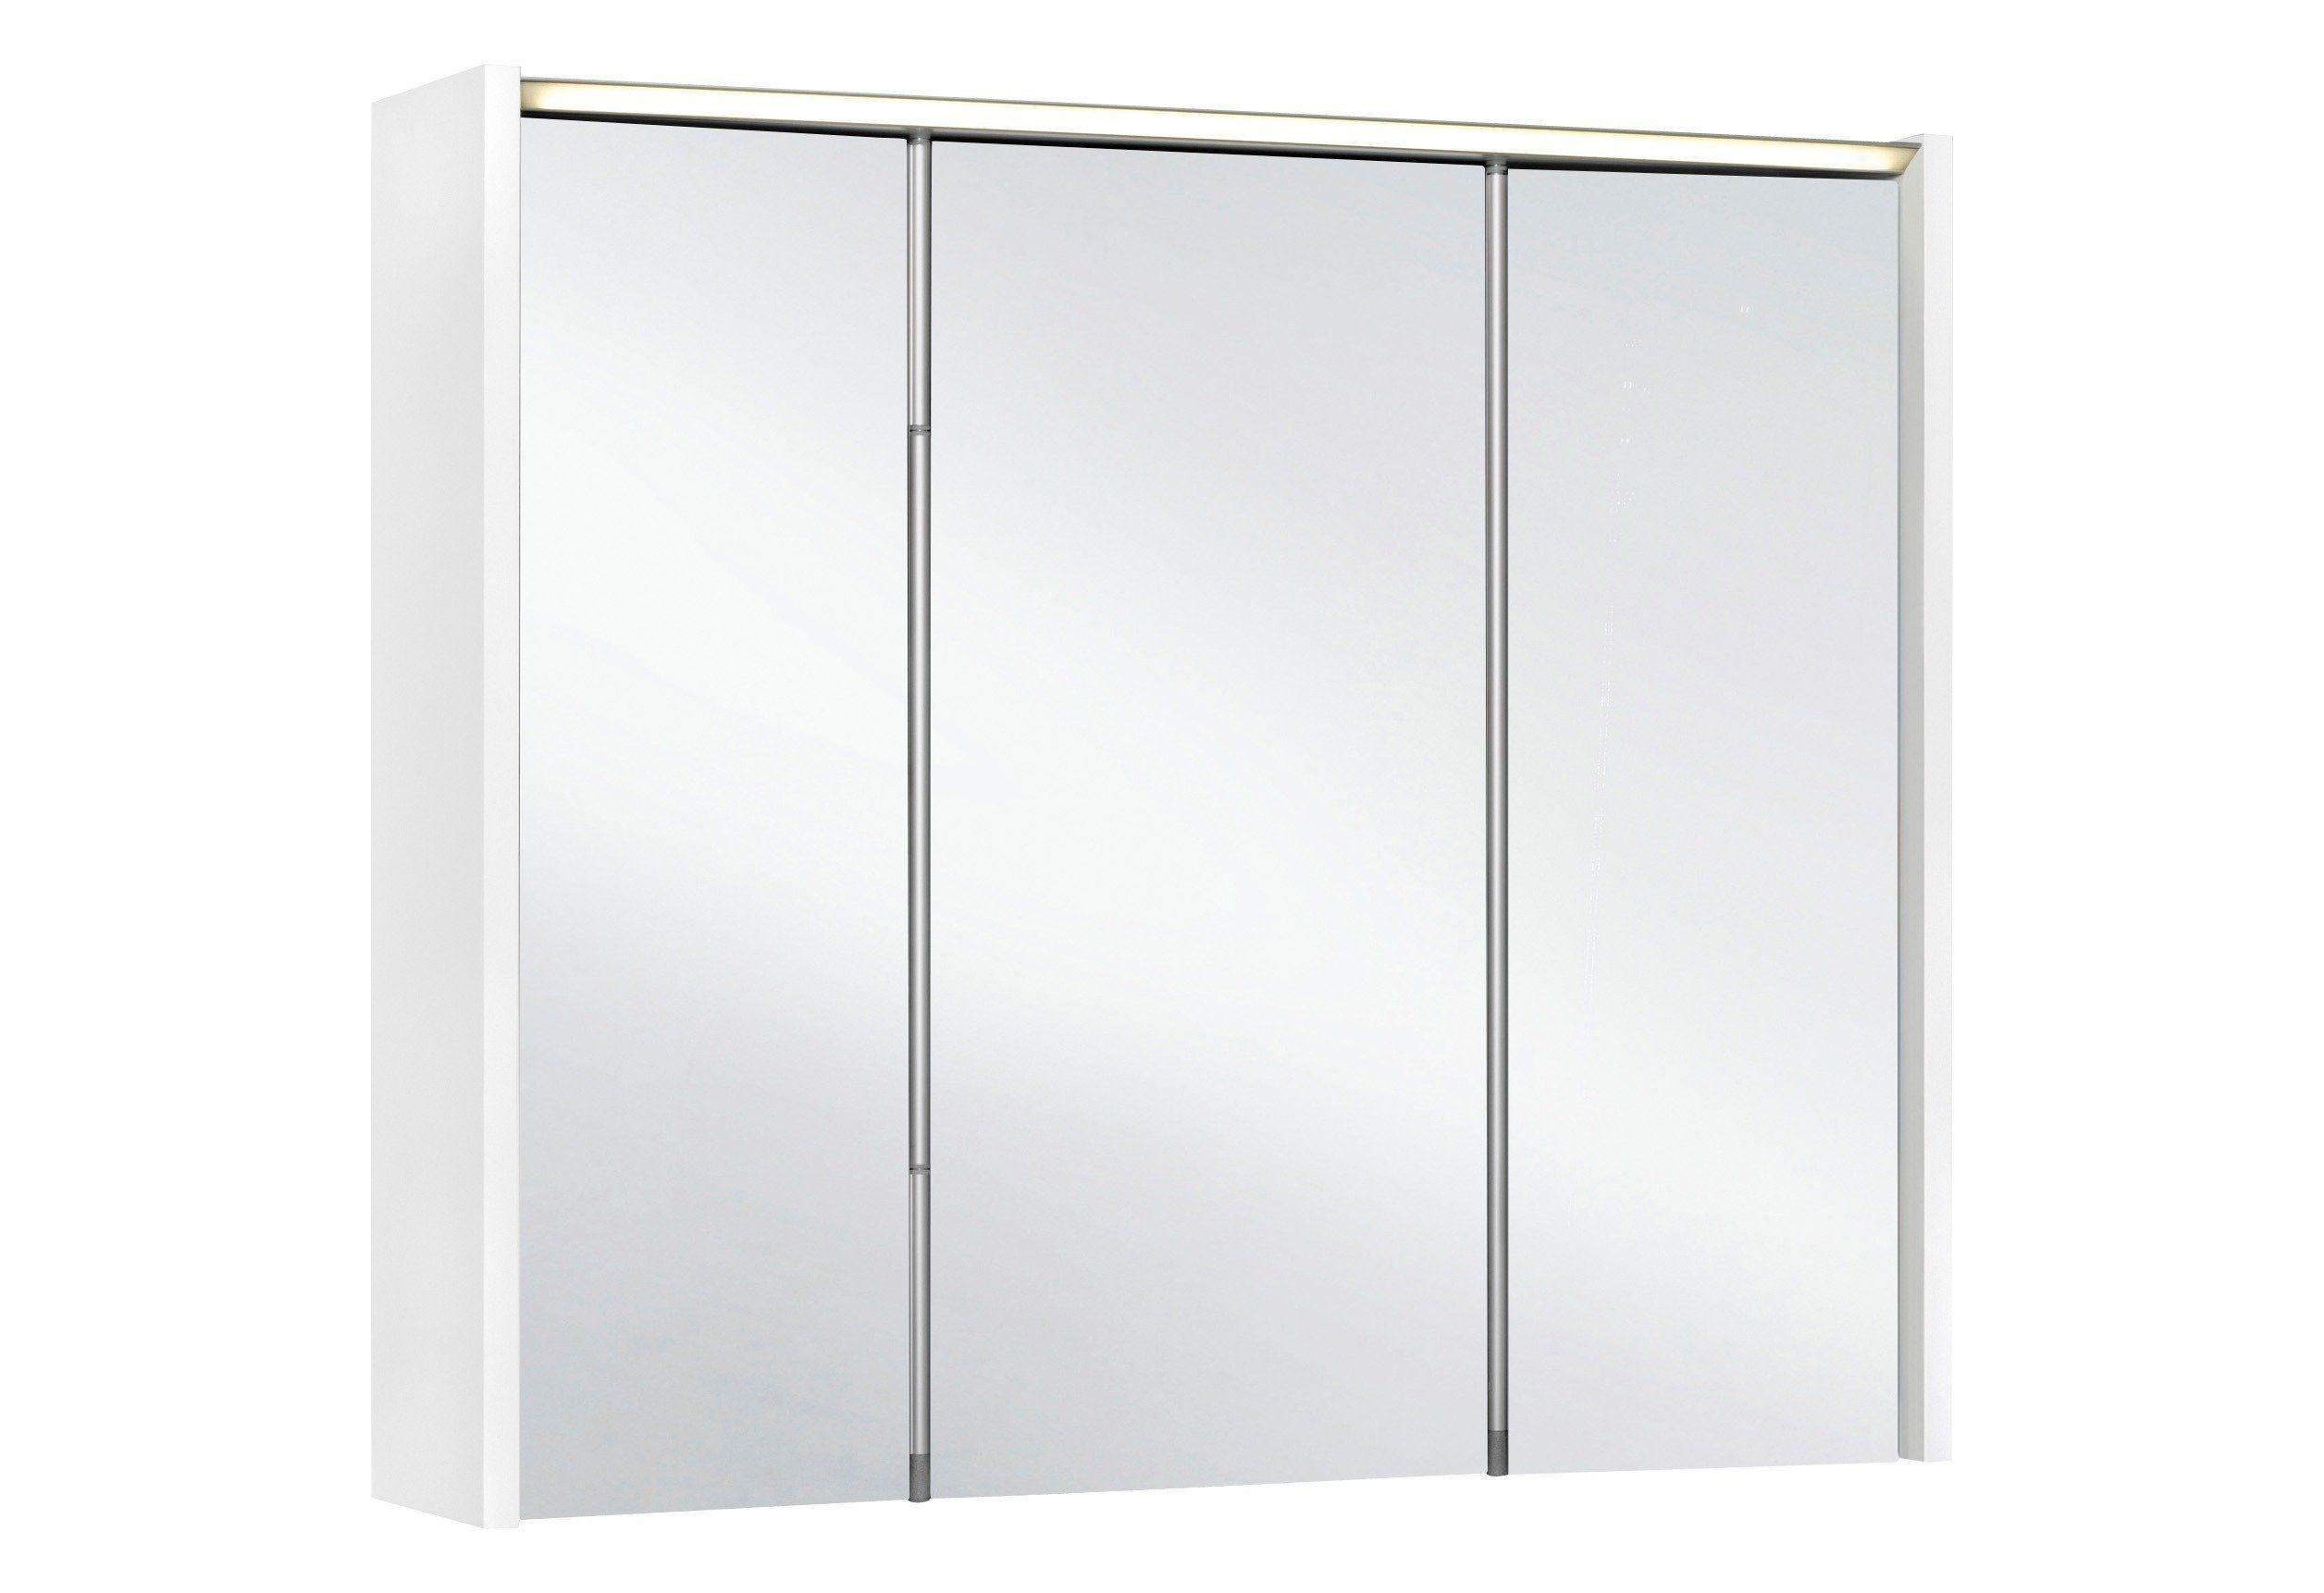 jokey spiegelschrank arbo breite 73 cm mit led. Black Bedroom Furniture Sets. Home Design Ideas